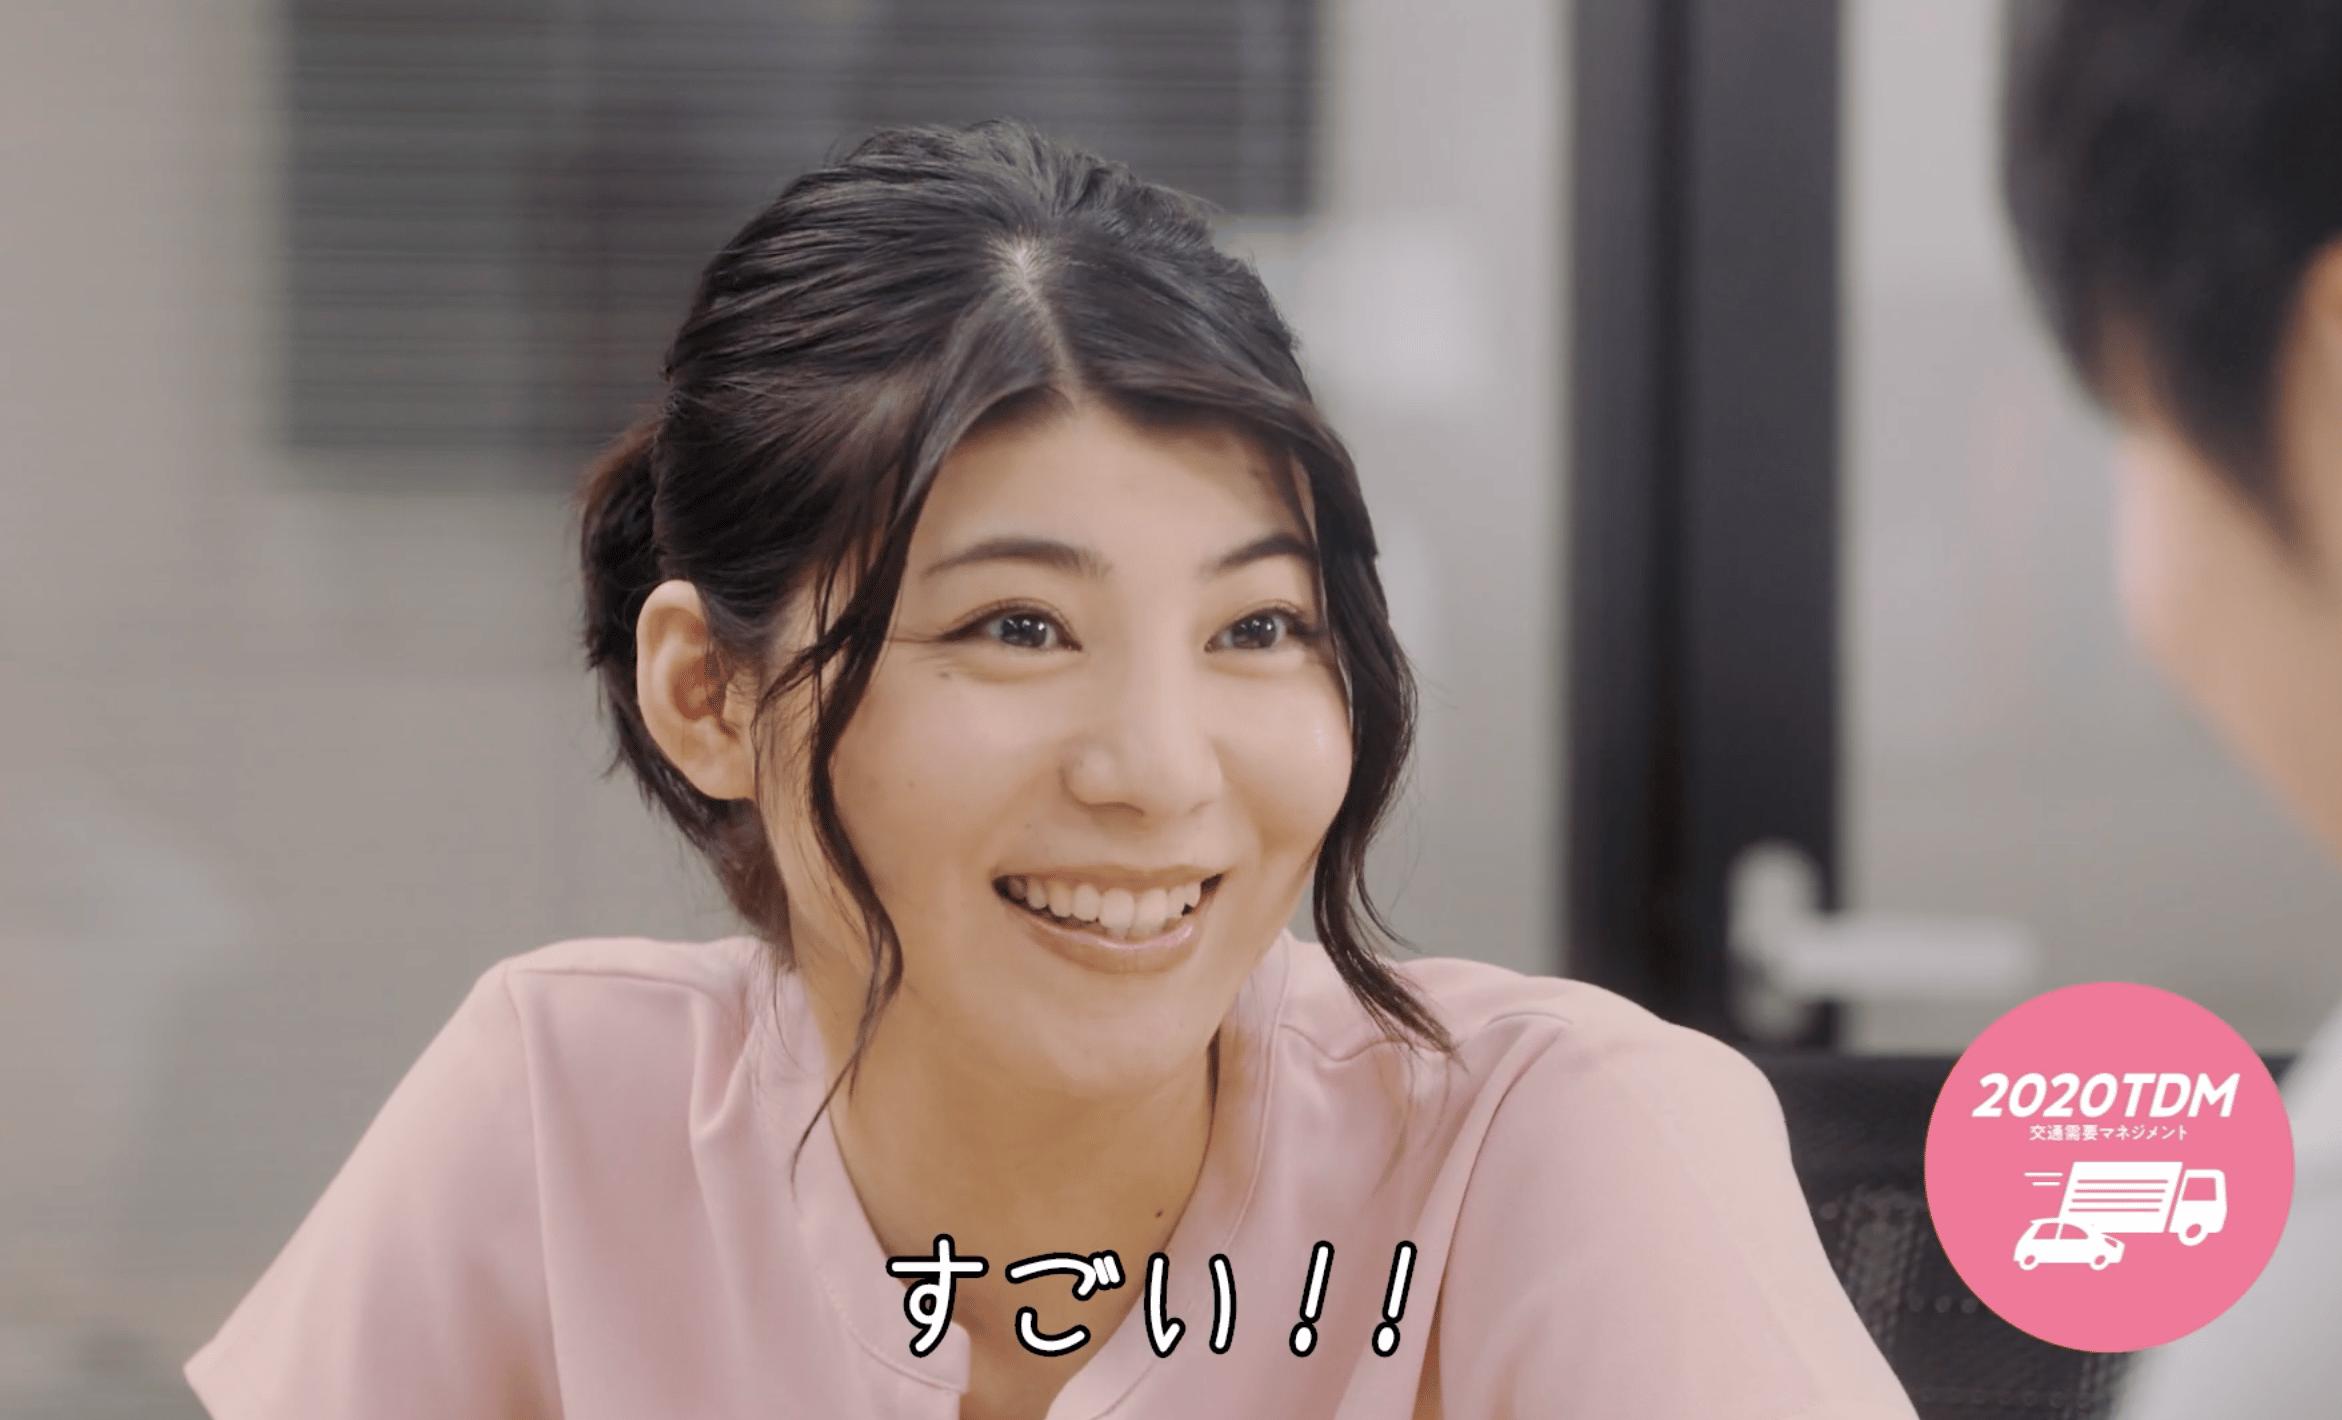 東京都『スムーズビズ』TV-CM